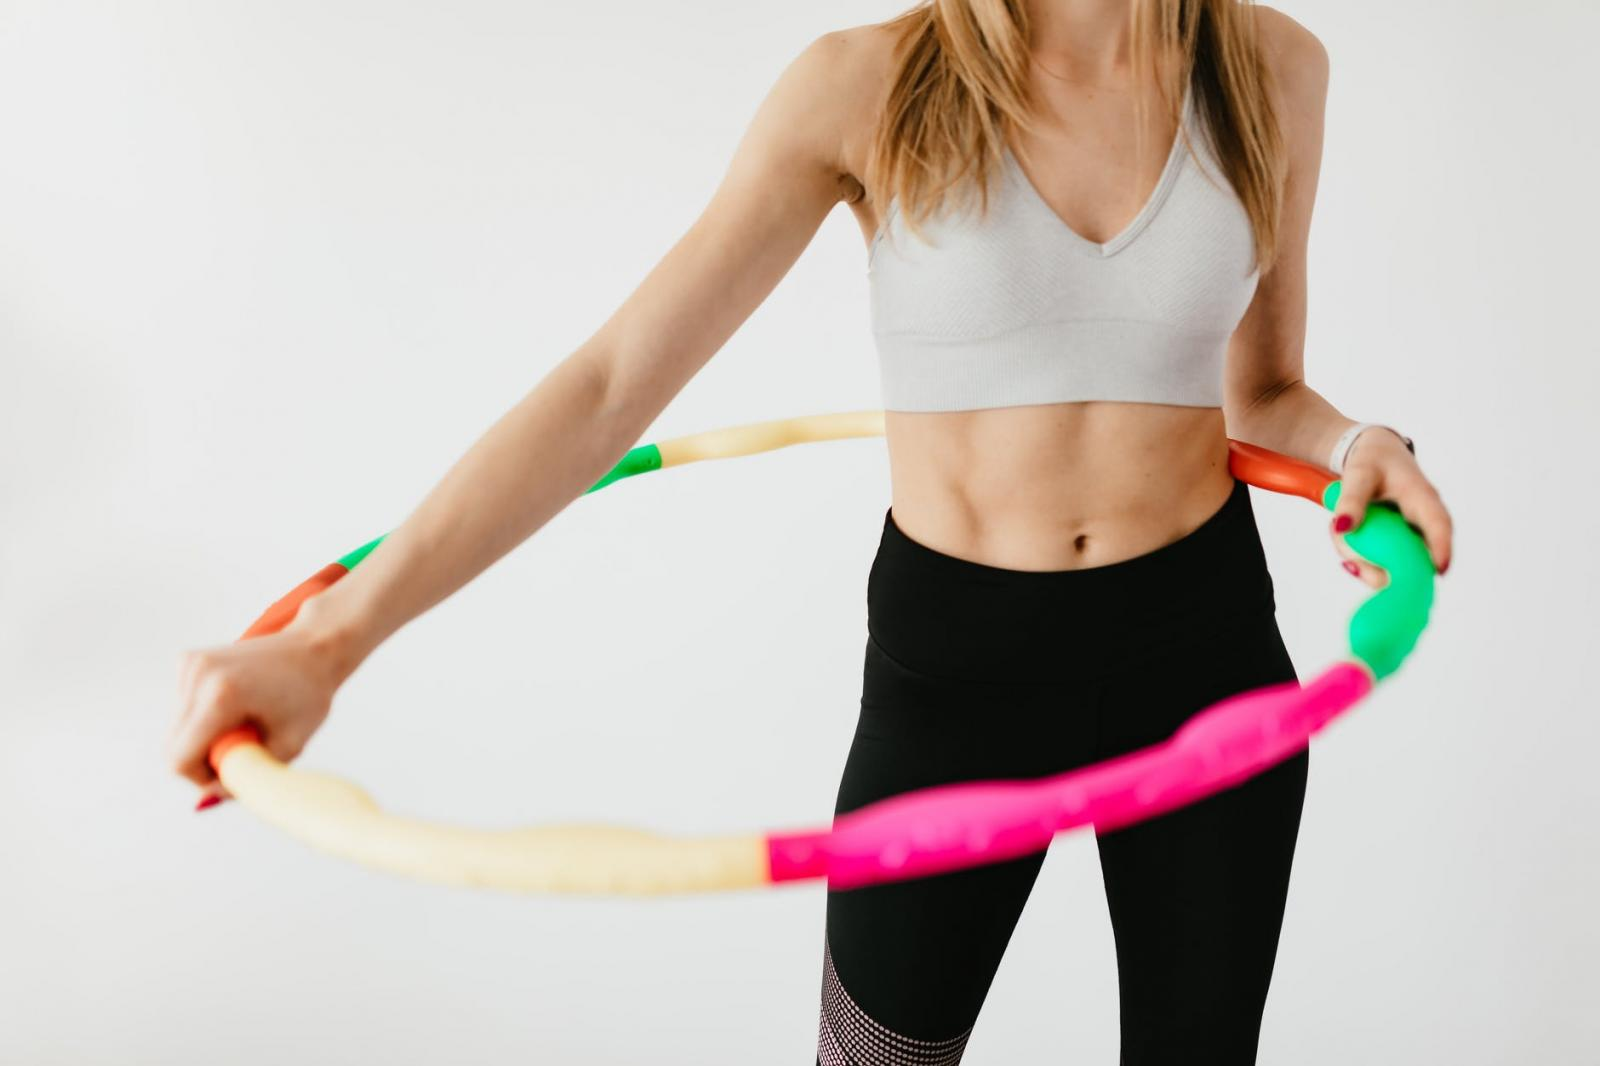 吃麥當勞會瘦?美國論壇爆紅「速食減肥餐」,百斤美女實測,結果出乎你意料之外-5